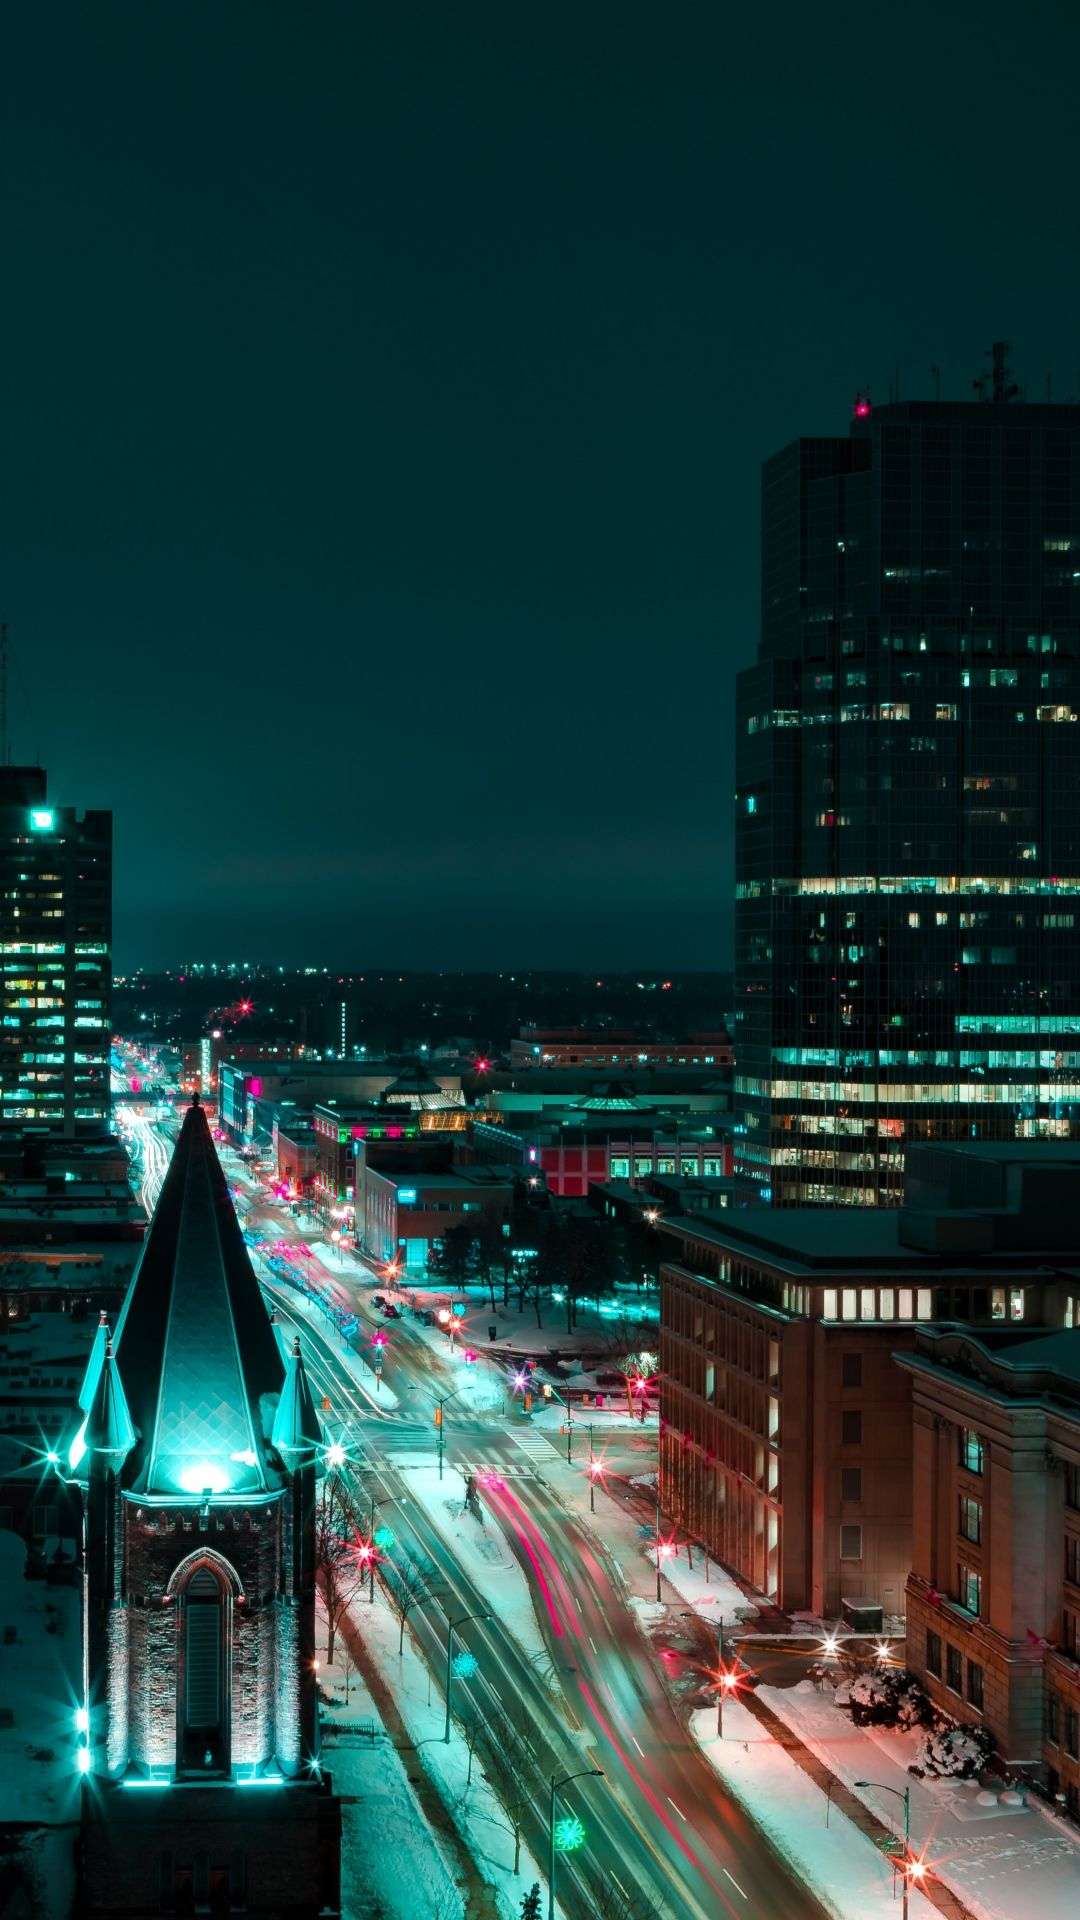 Night City Photo Night City Photo Night City Hd Landscape City Buildings